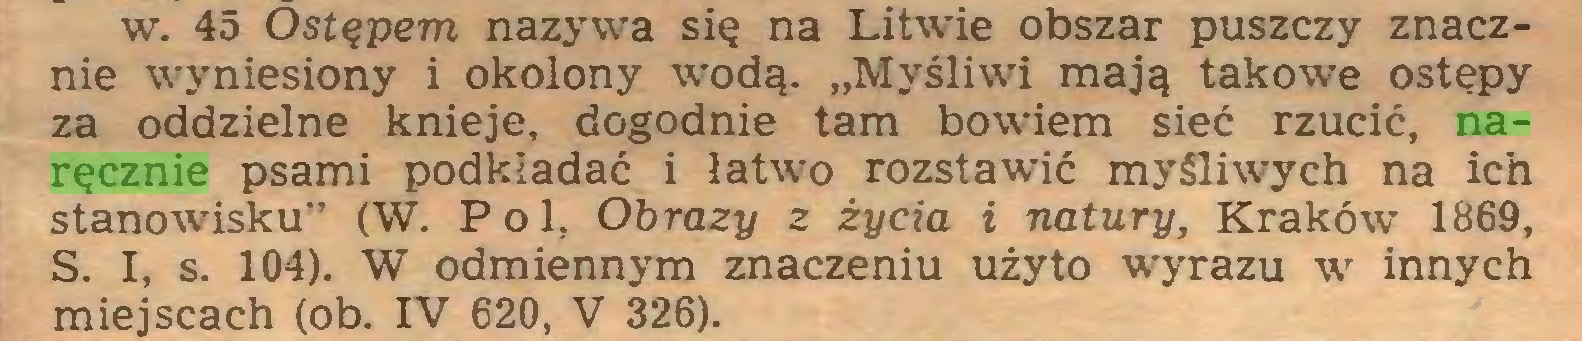 """(...) w. 45 Ostępem nazywa się na Litwie obszar puszczy znacznie wyniesiony i okolony wodą. """"Myśliwi mają takowe ostępy za oddzielne knieje, dogodnie tam bowiem sieć rzucić, naręcznie psami podkładać i !atwro rozstawić myśliwych na ich stanowisku"""" (W. Pol, Obrazy z życia i natury, Kraków 1869, S. I, s. 104). W odmiennym znaczeniu użyto wyrazu w innych miejscach (ob. IV 620, V 326)..."""